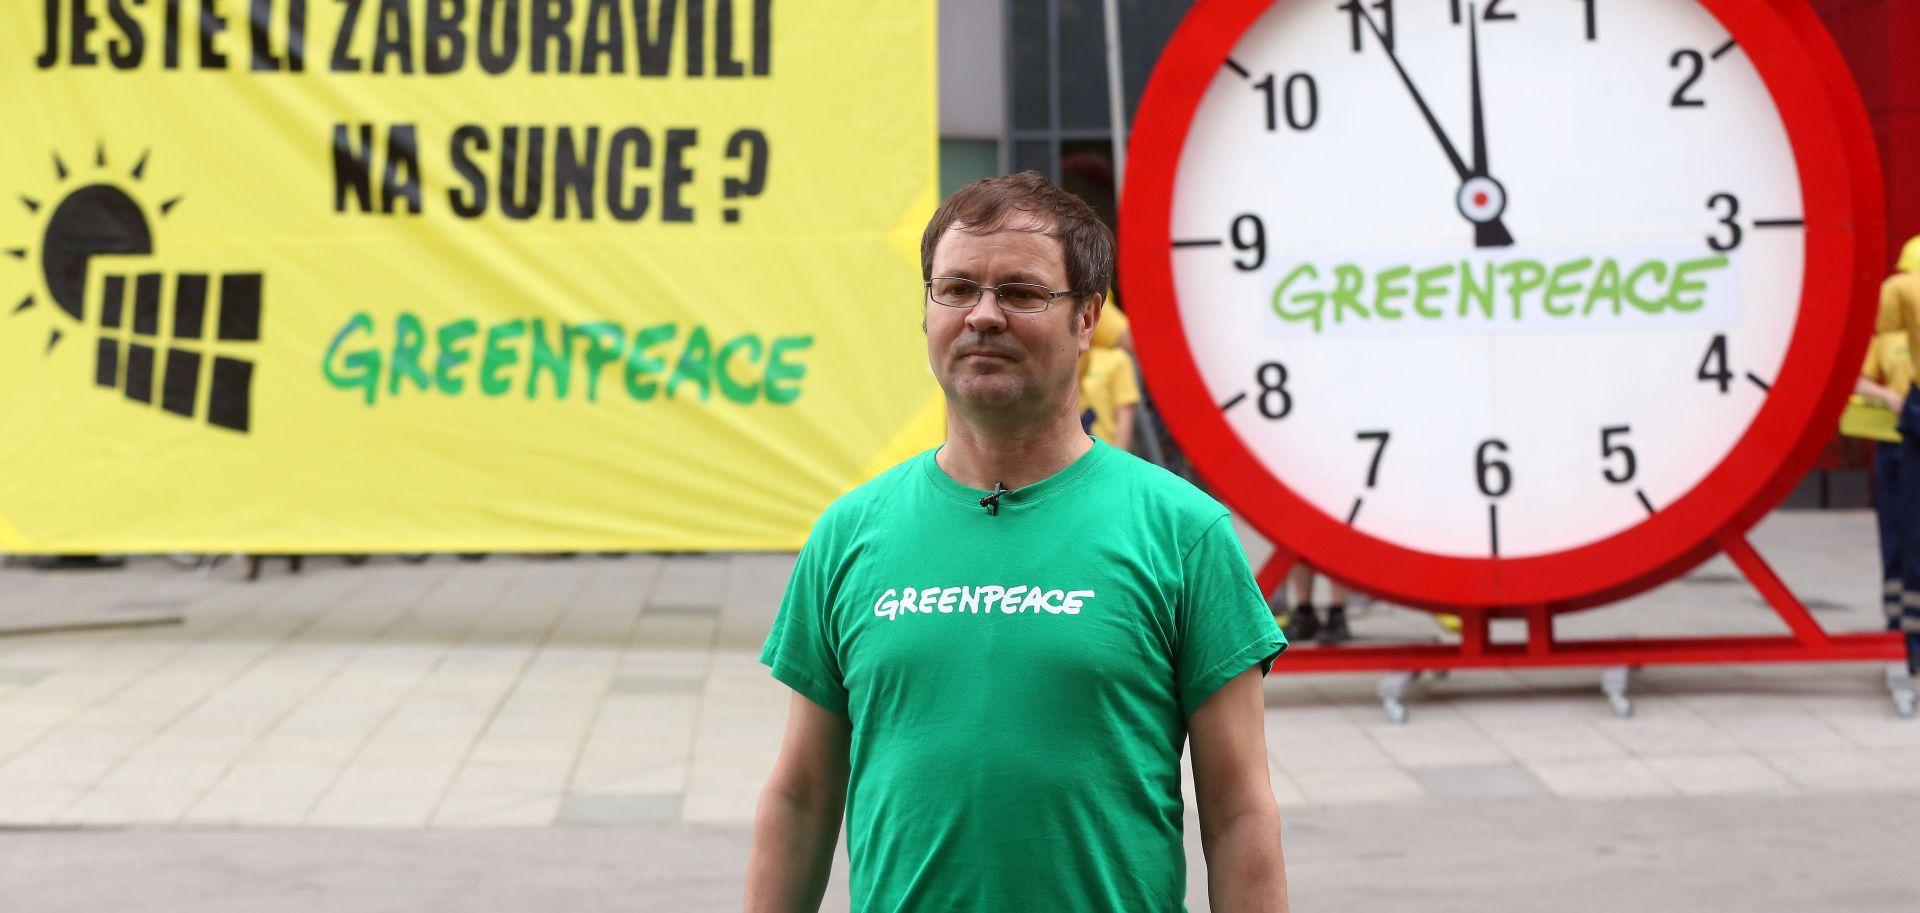 """Greenpeace poziva ministra Ćorića da """"otkrije sunce"""""""